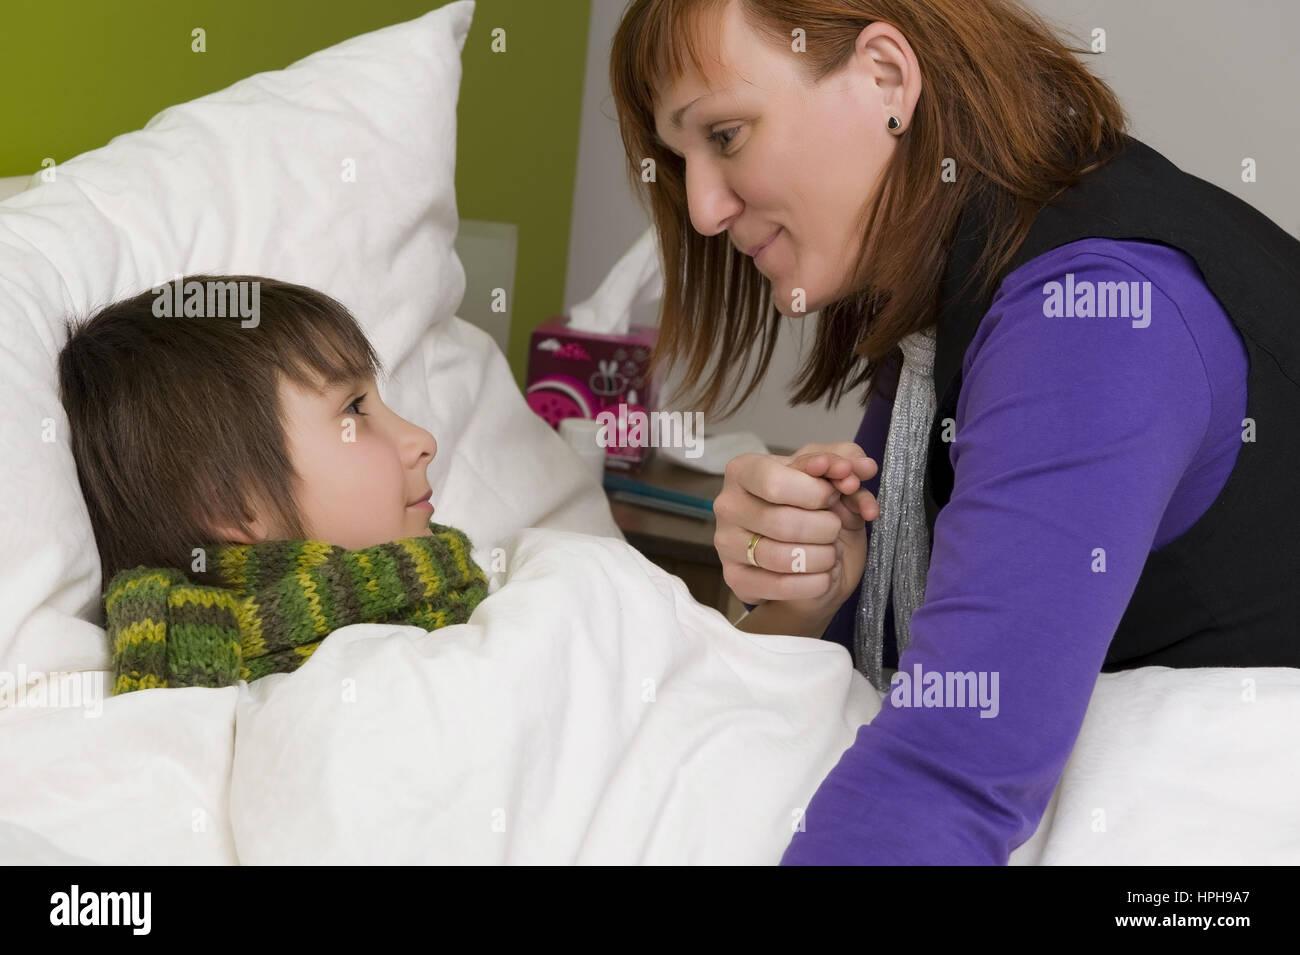 Mutter sitzt am Bett von krankem Sohn - sick son in bed, Model released Stock Photo